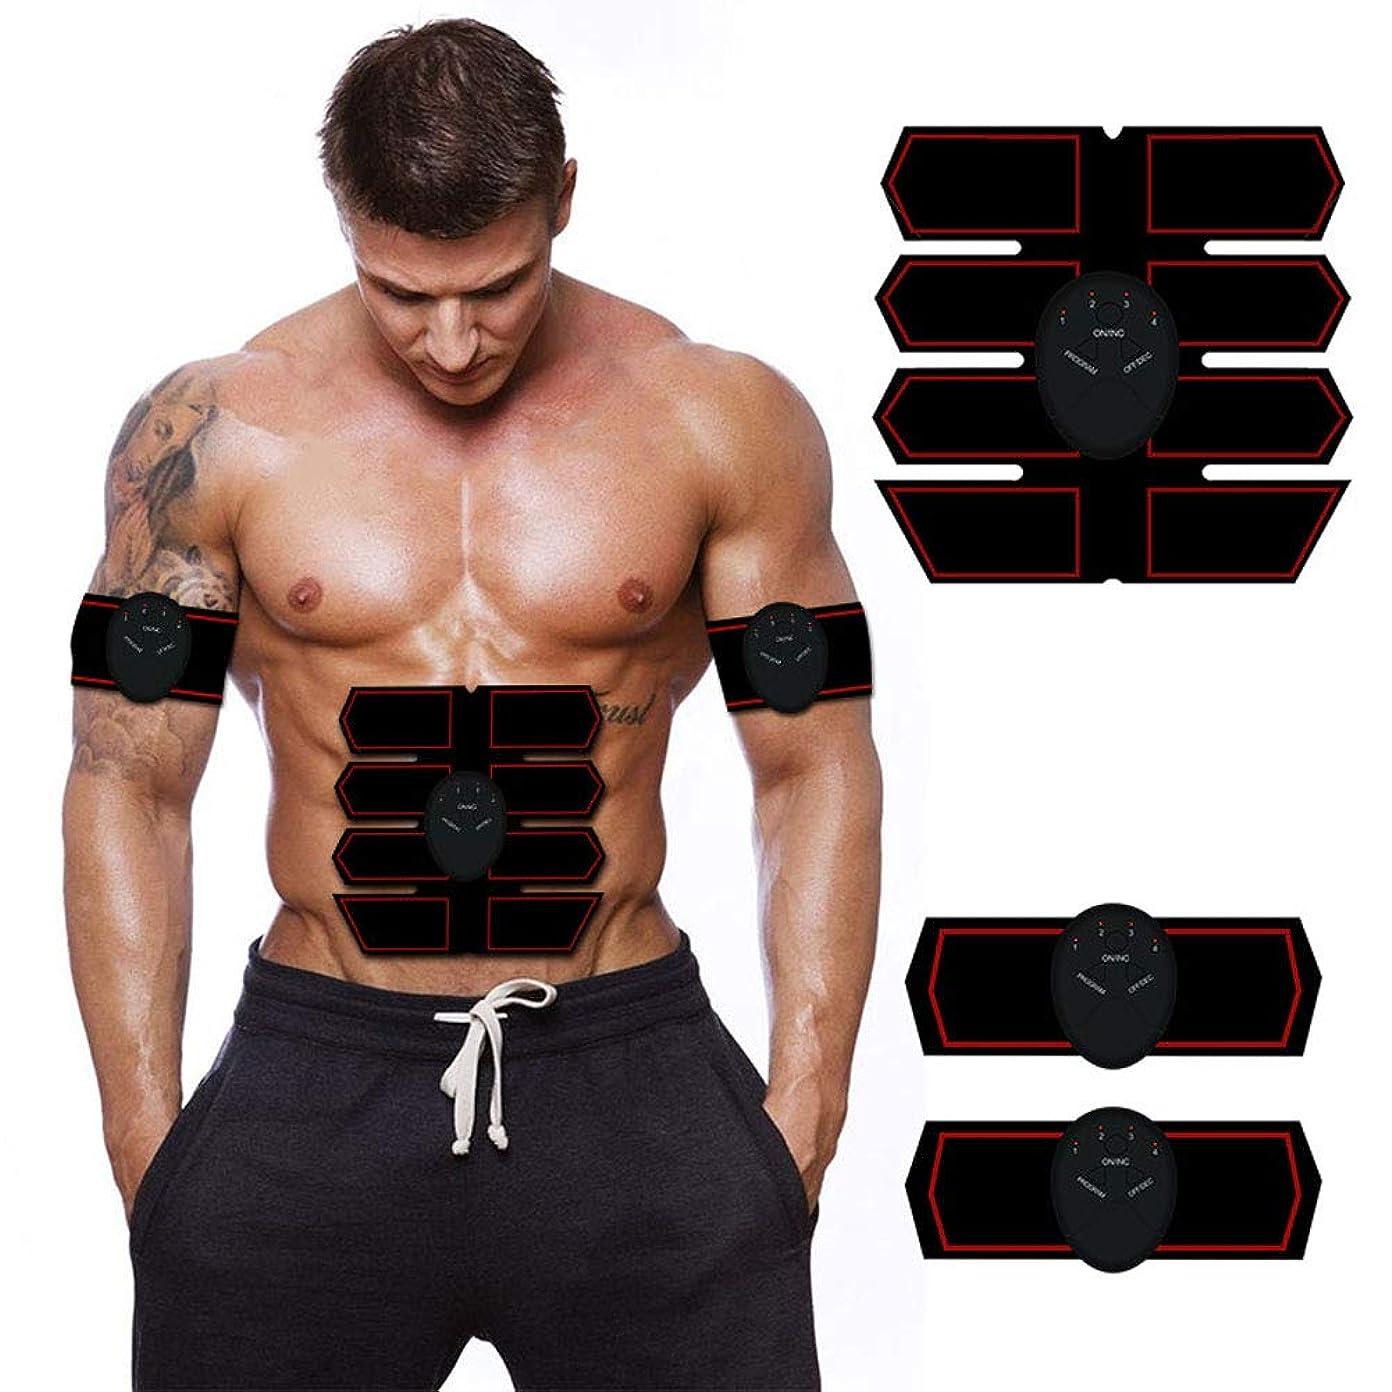 平方冊子ありがたい腹筋トレーナー筋肉刺激器, Ems 腹筋刺激剤筋肉トナー, ポータブルマッスルトレーナー, 腹部の調子のベルト, の 男性?女性